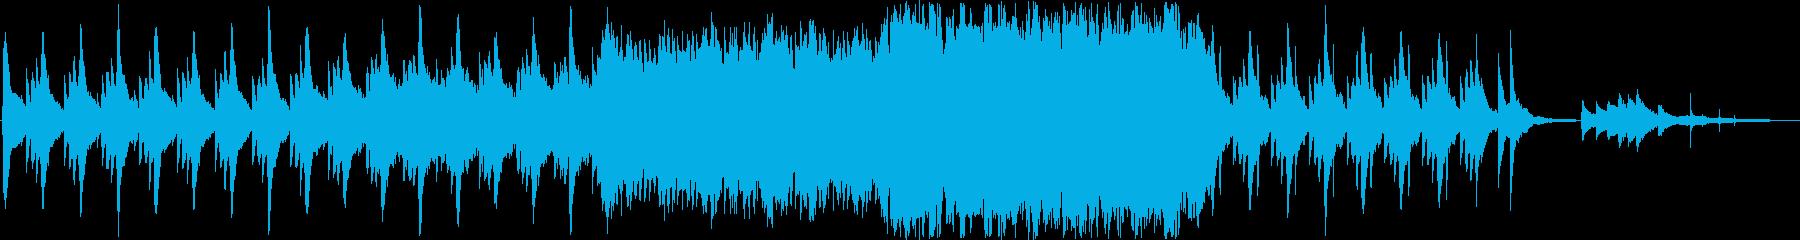 ゆったりファンタジー系オーケストラの再生済みの波形